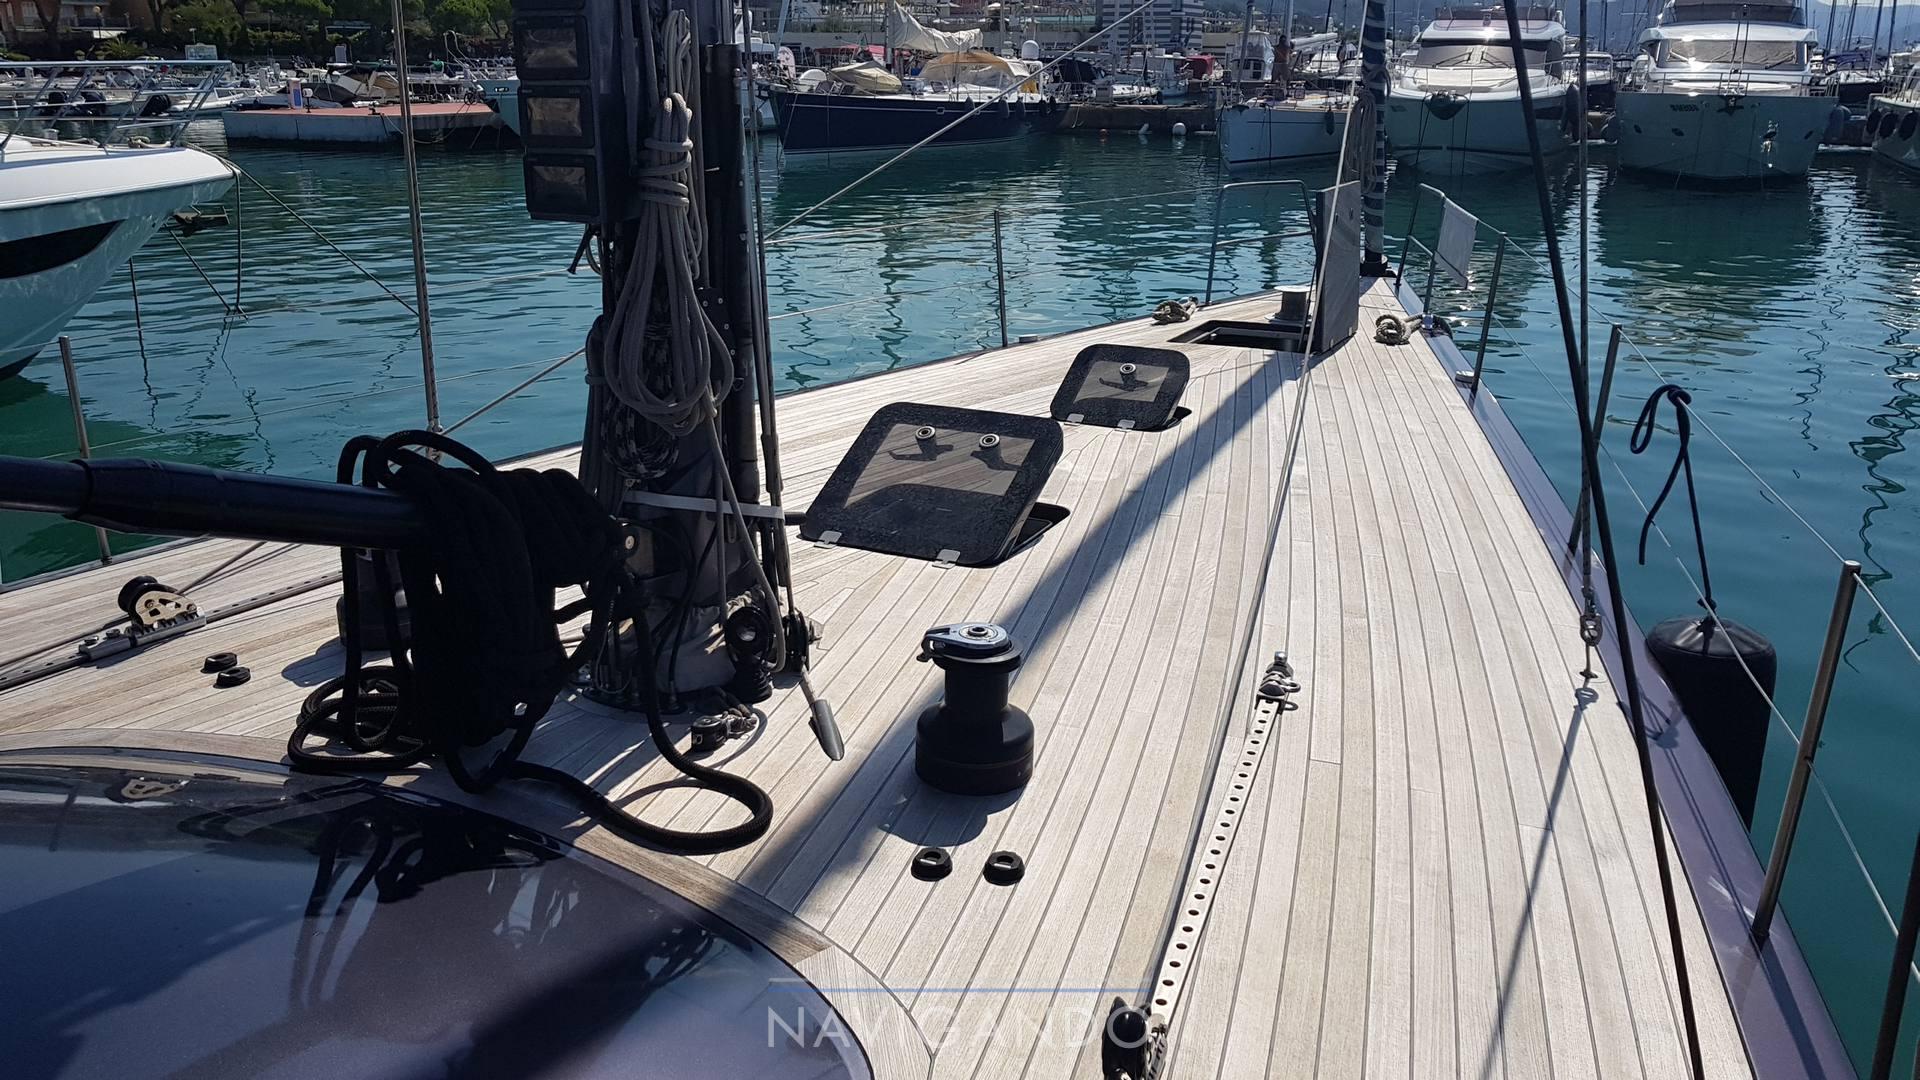 Maxi Dolphin 65 sailing boat